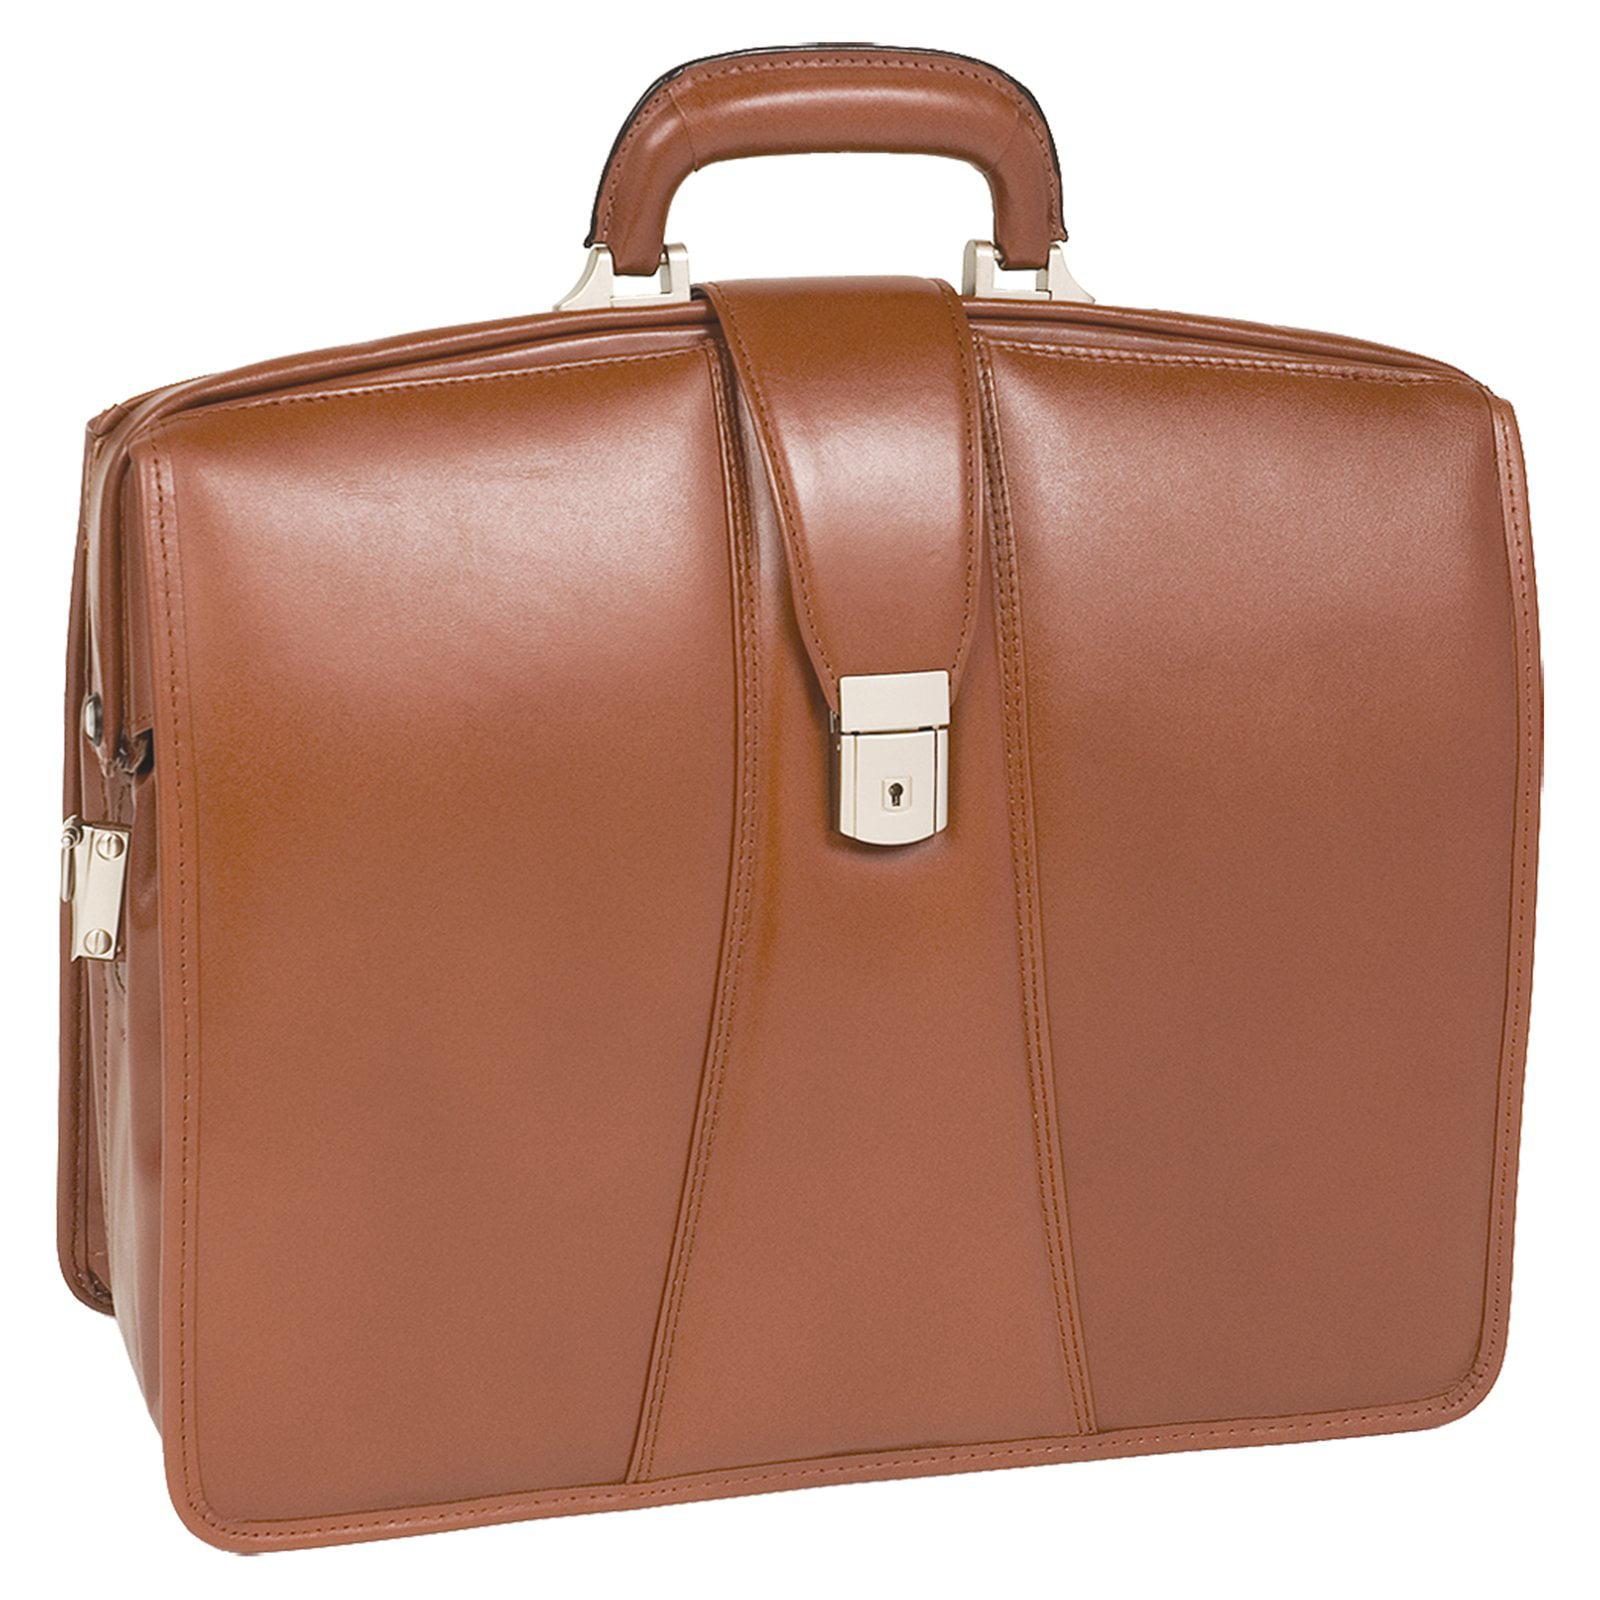 McKlein USA Harrison Leather Laptop Briefcase - Brown